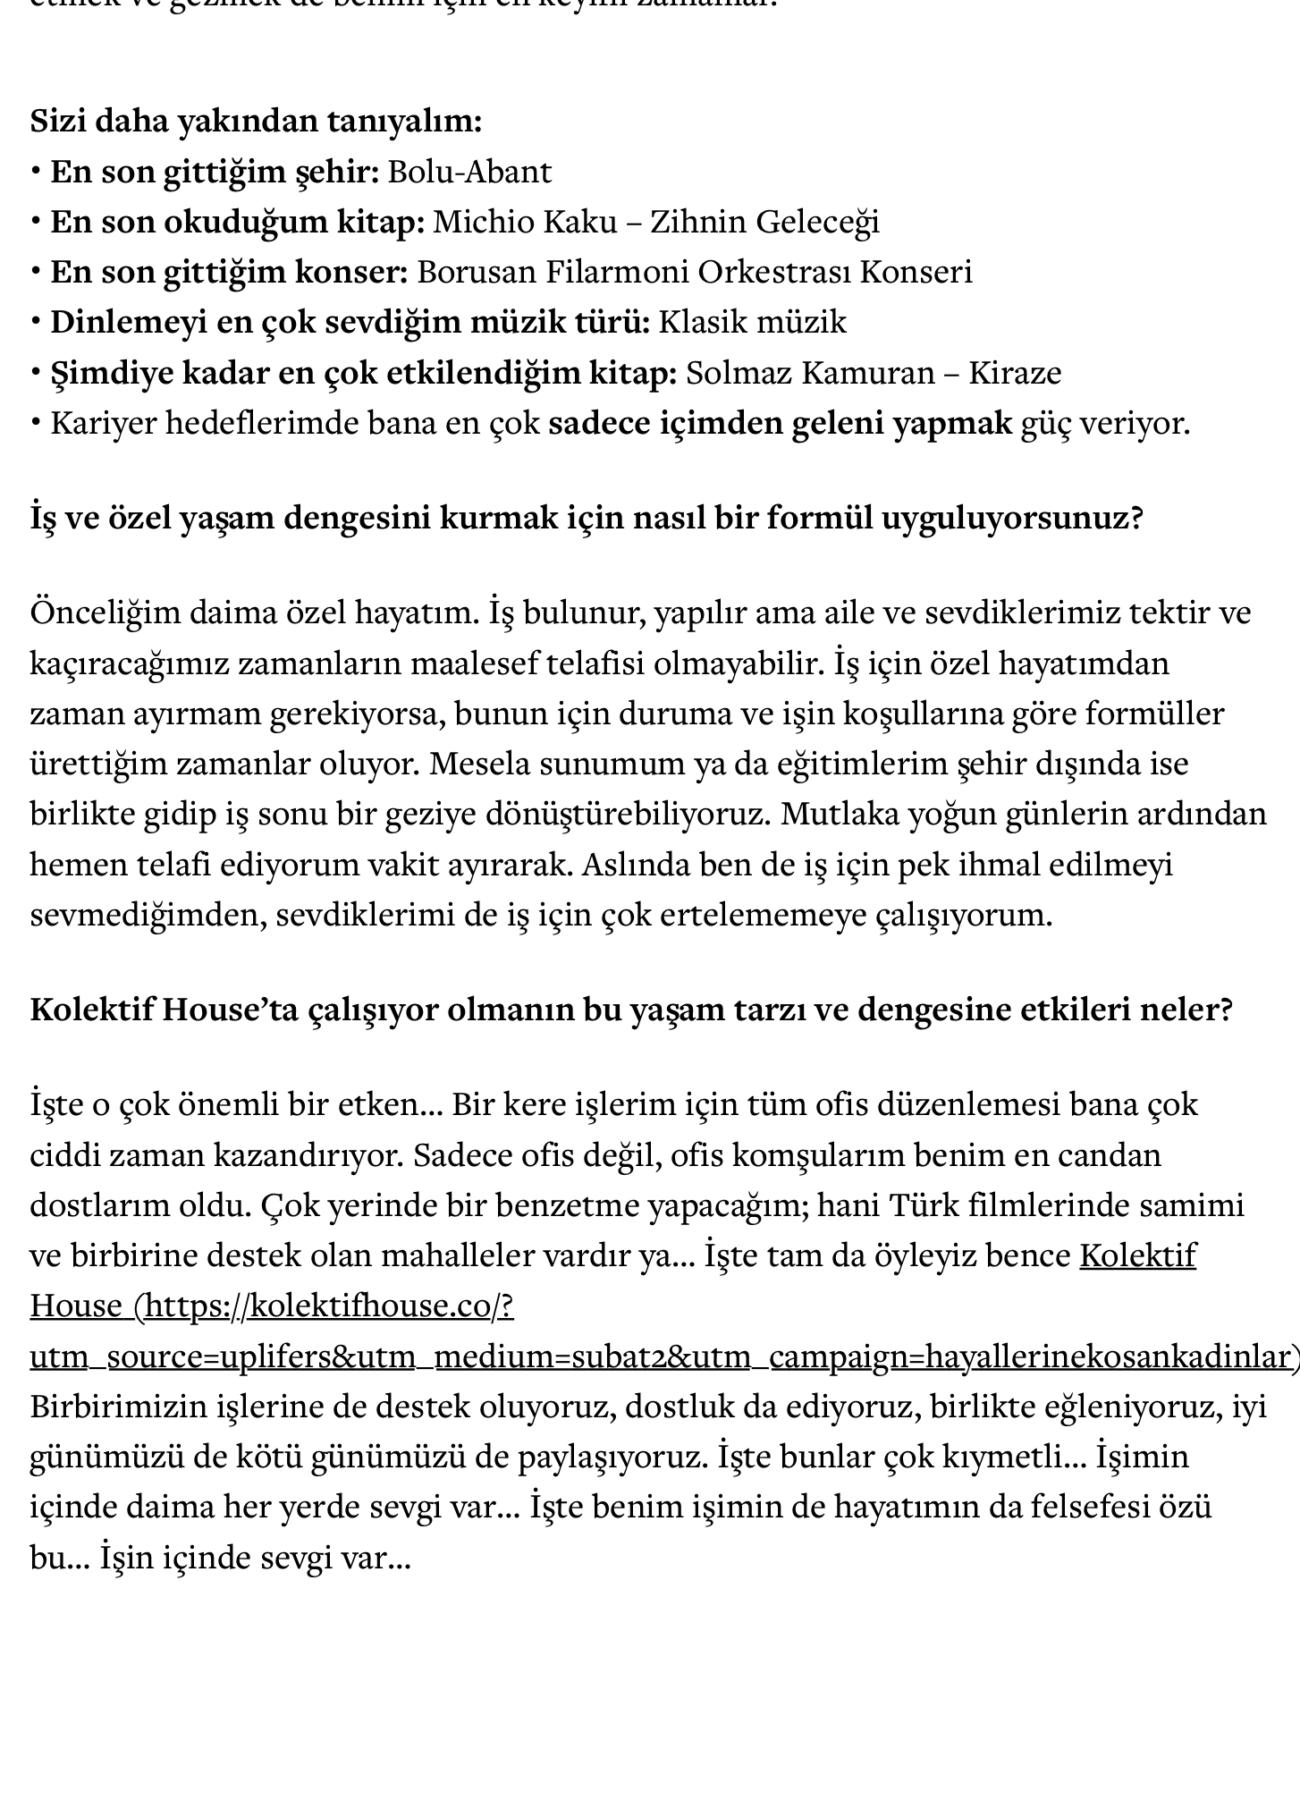 Sevinç Satıroğlu Sunucu Master of Ceremony Konuşma Hitabet Koçluk Danışman Eğitmen Uplifers 4